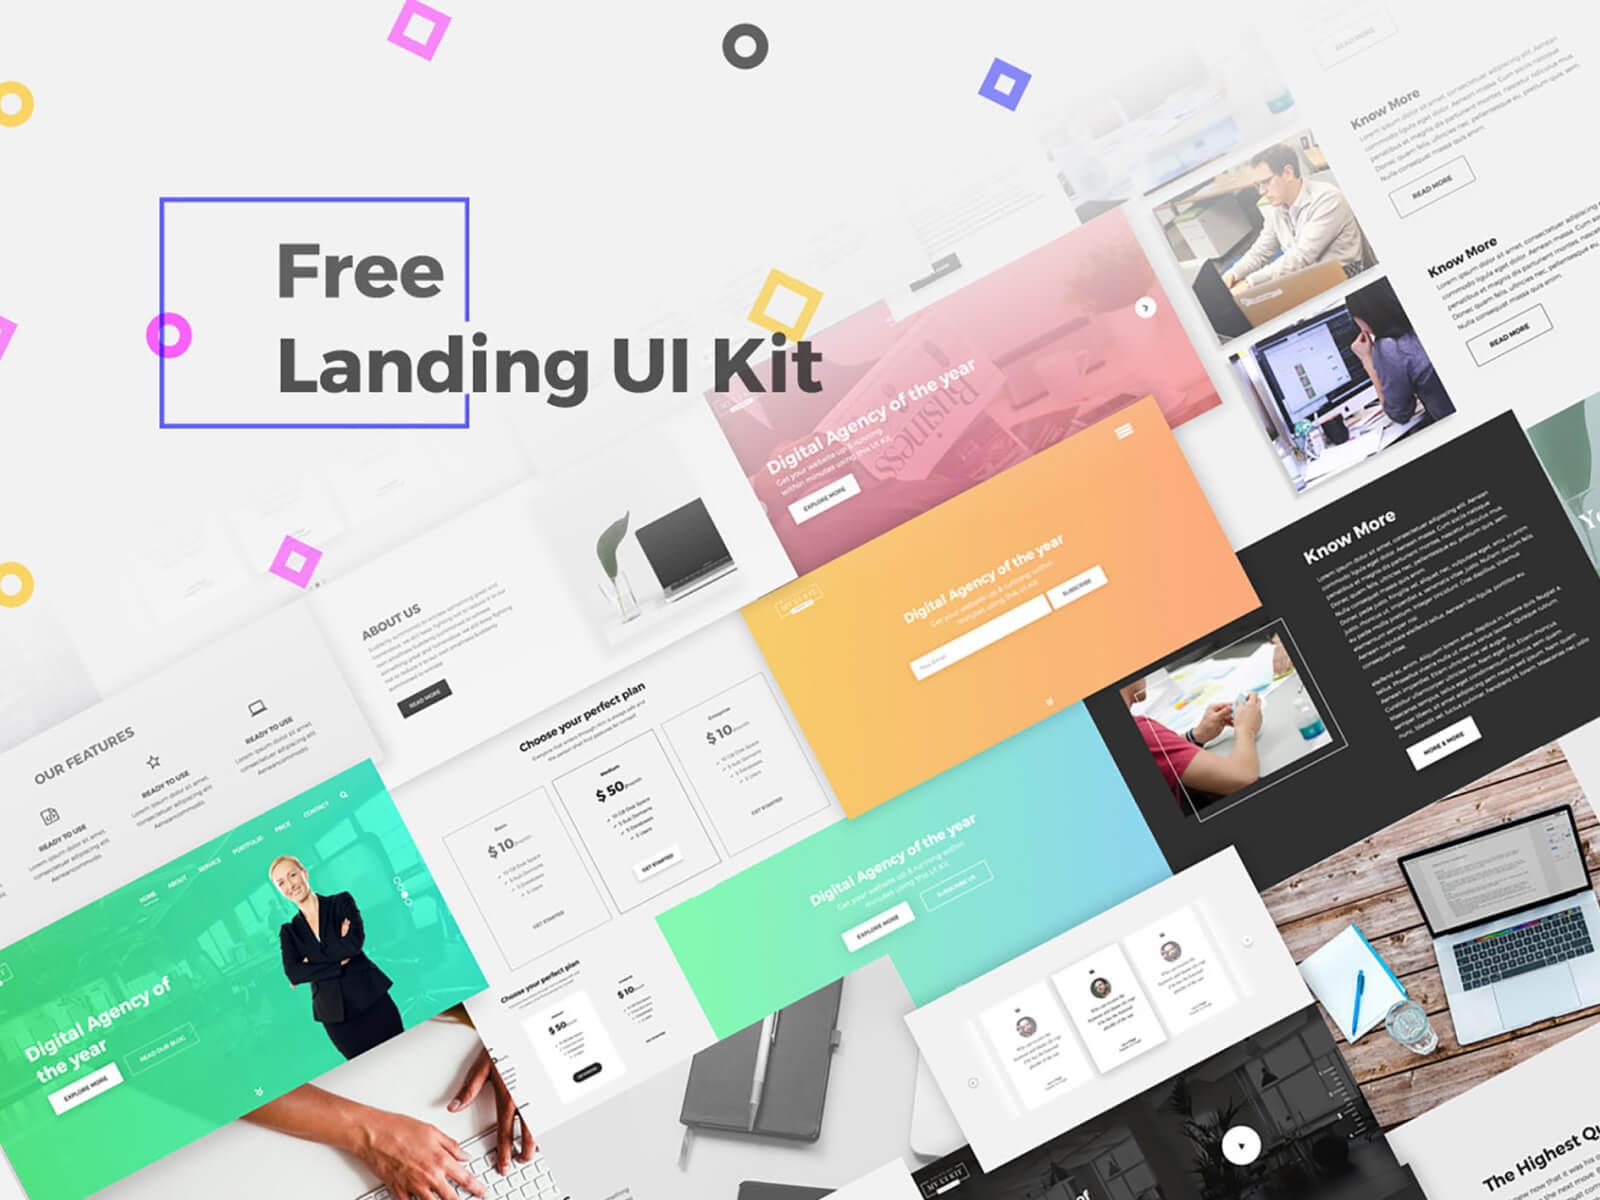 Free Landing UI Kit cover image